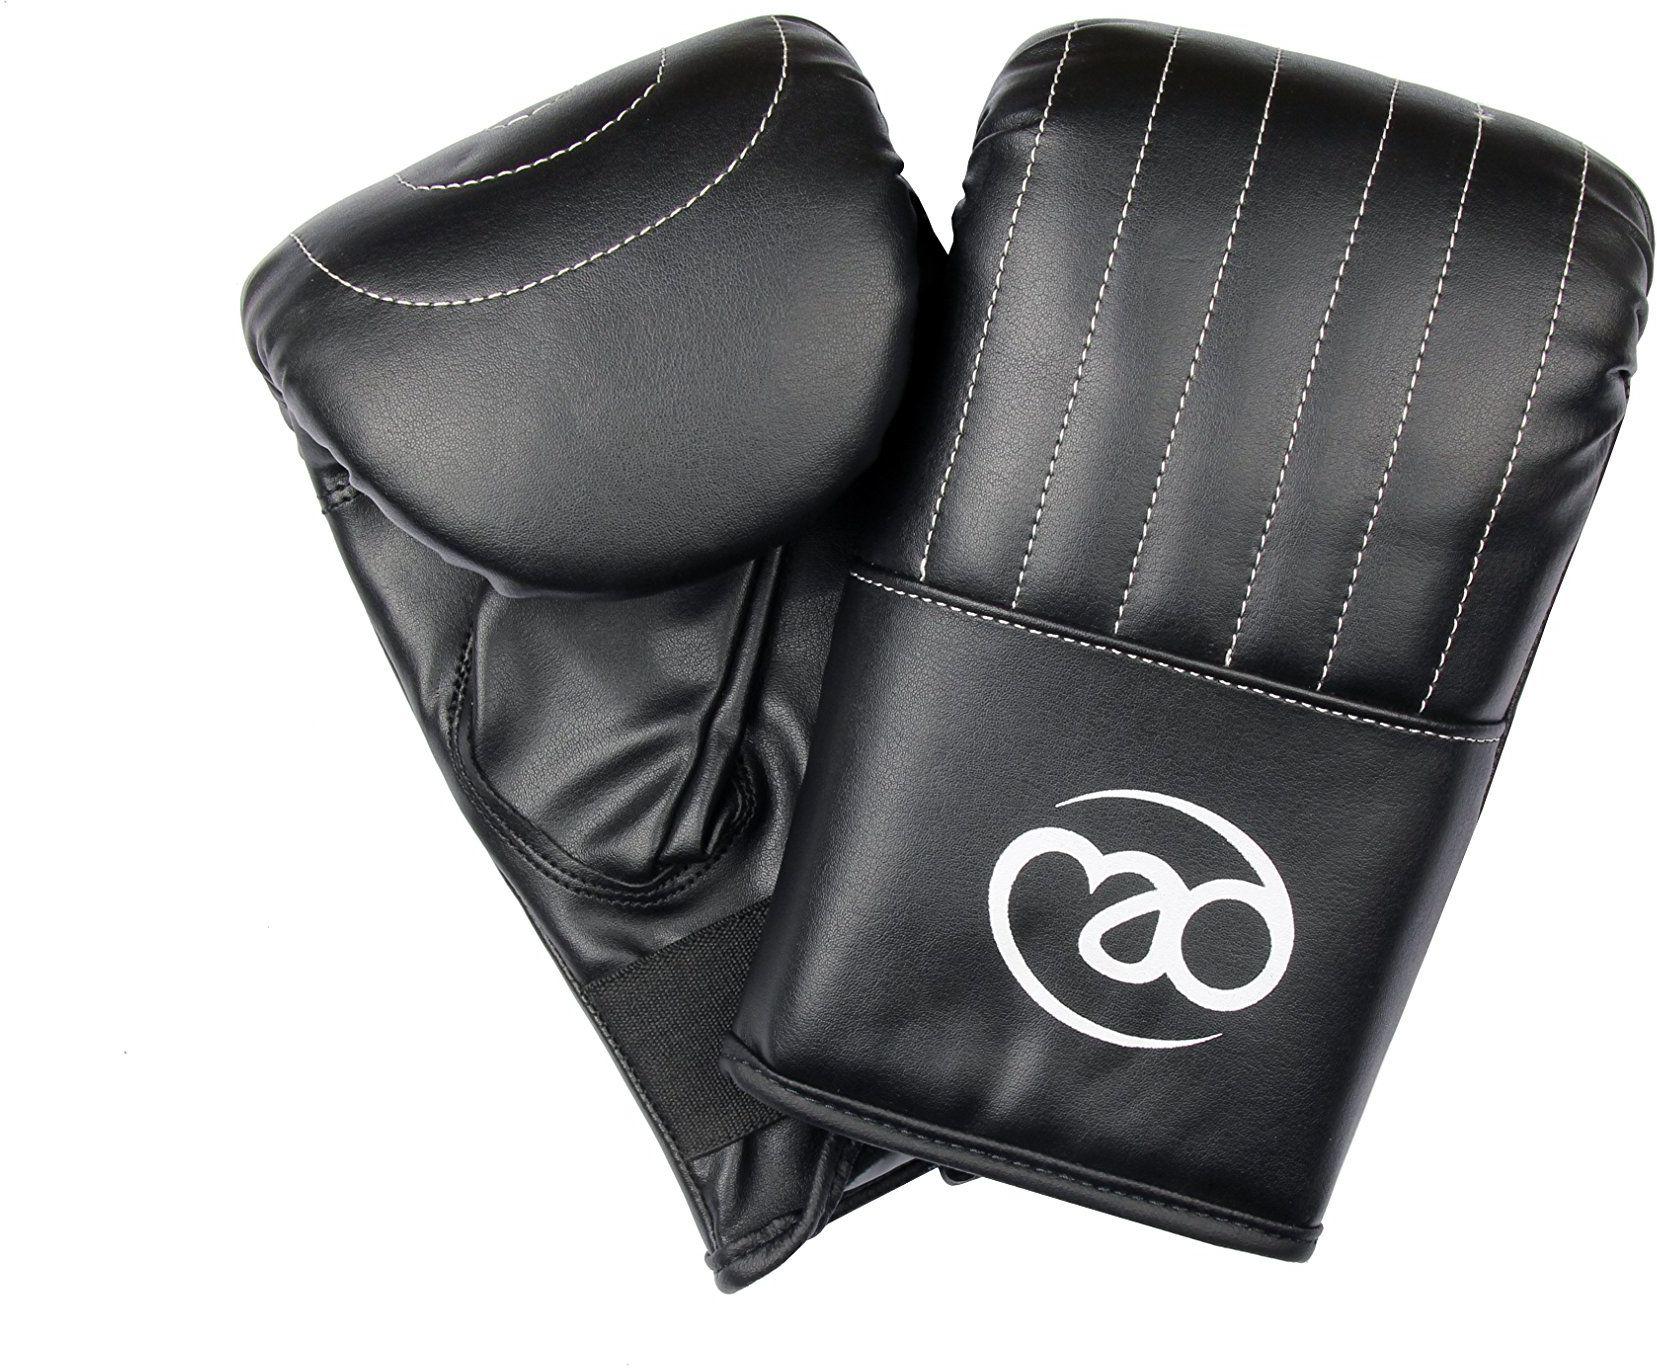 Boxing-Mad torba PCW mitt zapięcie na rzepy profesjonalna jakość - średnia, czarna